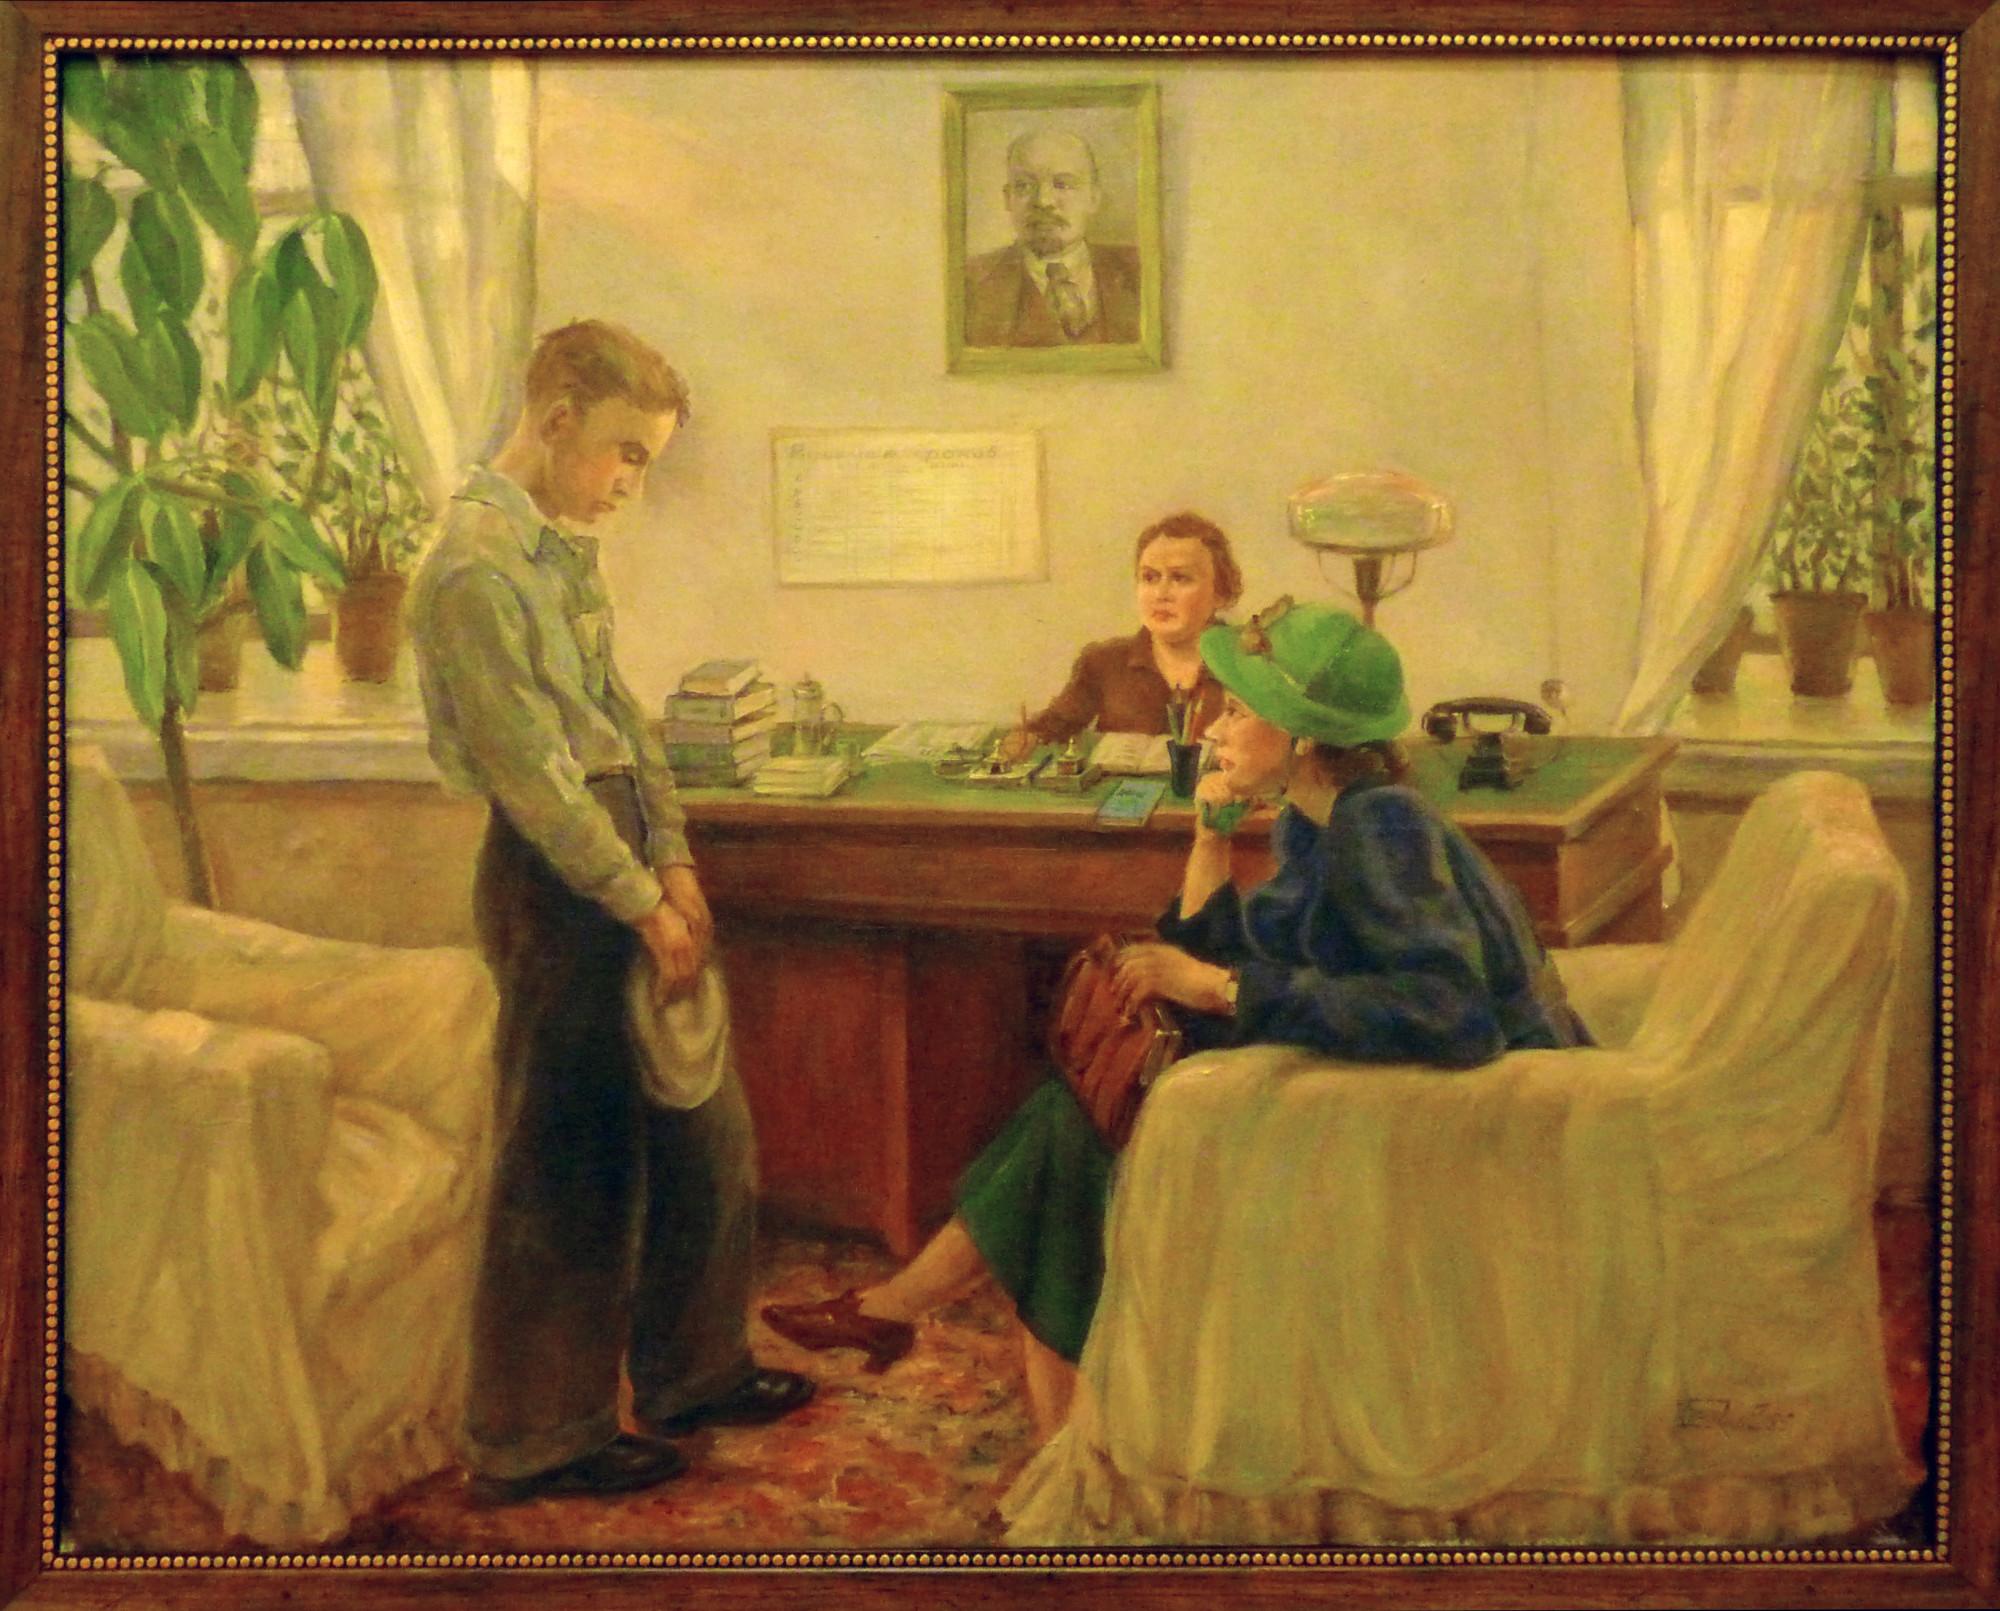 Беркал Е.Л. Вызов к директору. 1955 г.